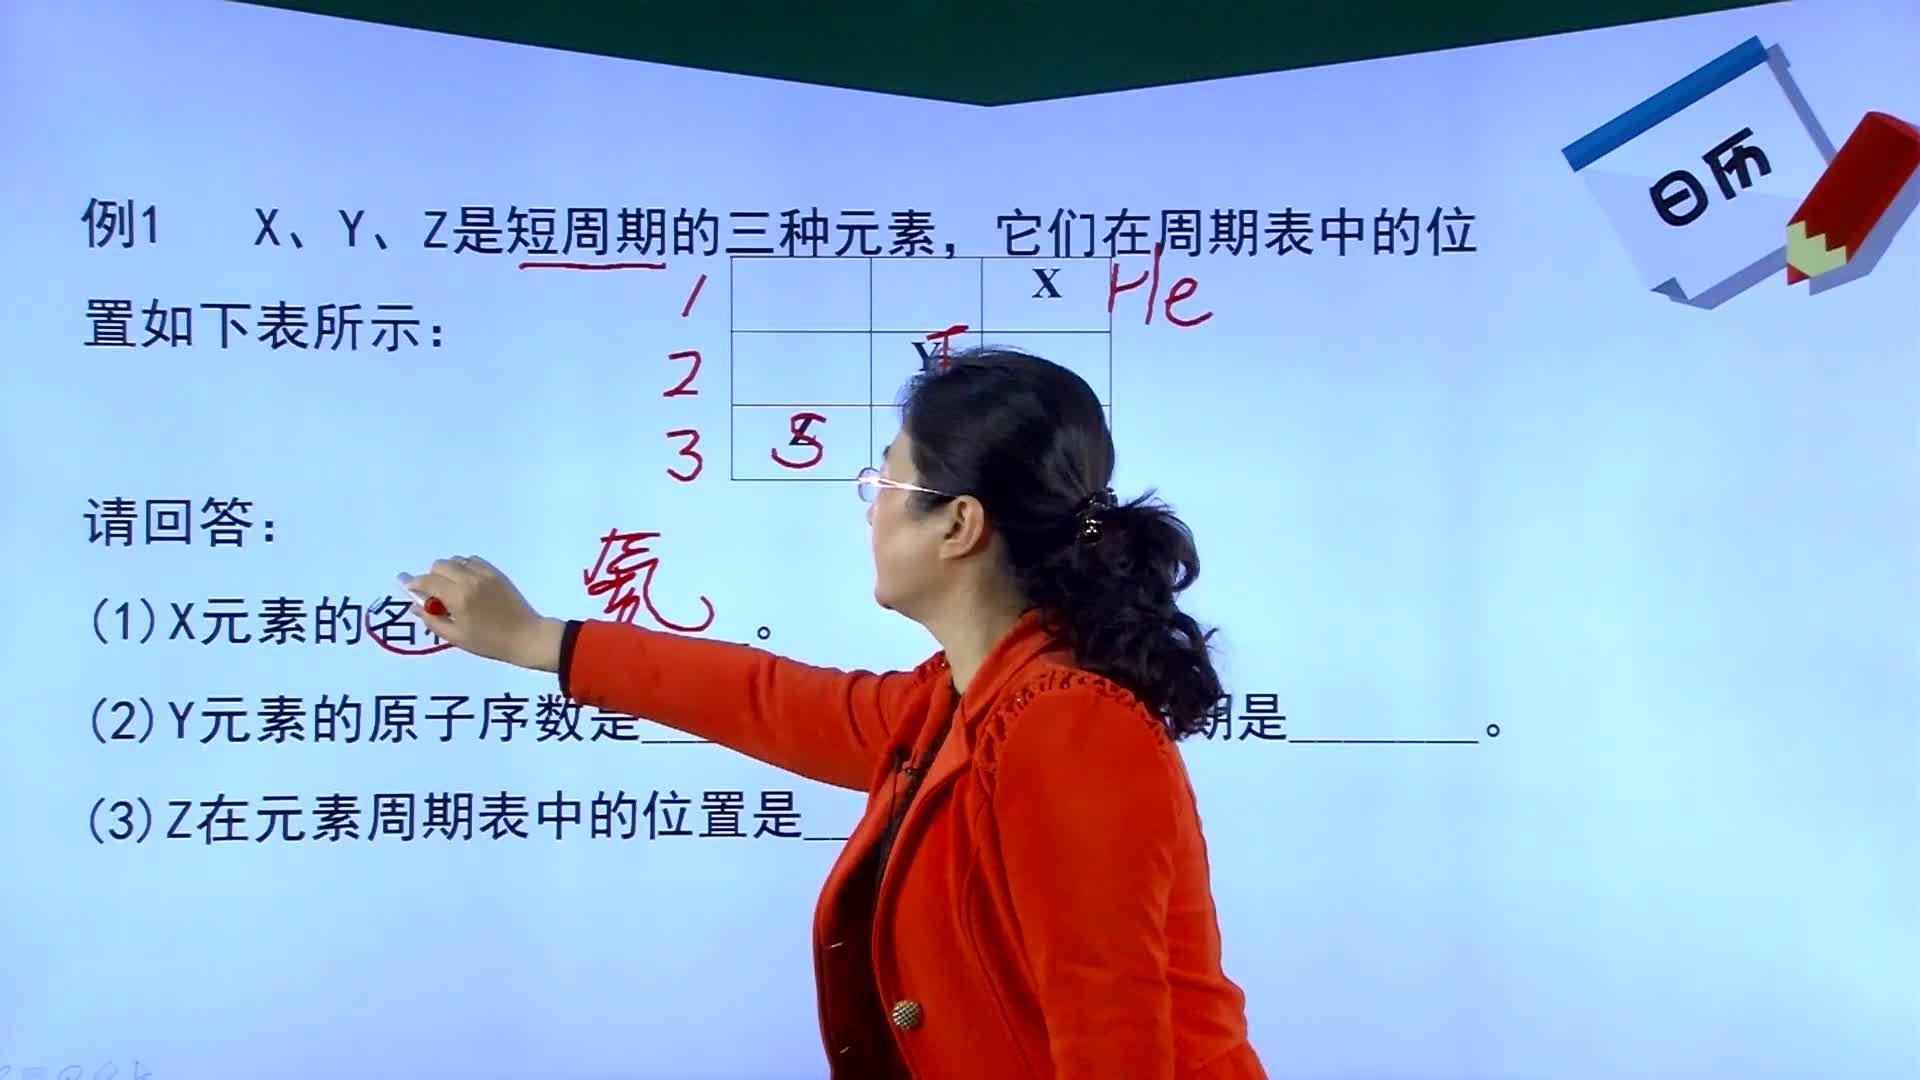 人教版 高中化学二轮复习直击高考 专题三 元素推断(一)-名师示范课